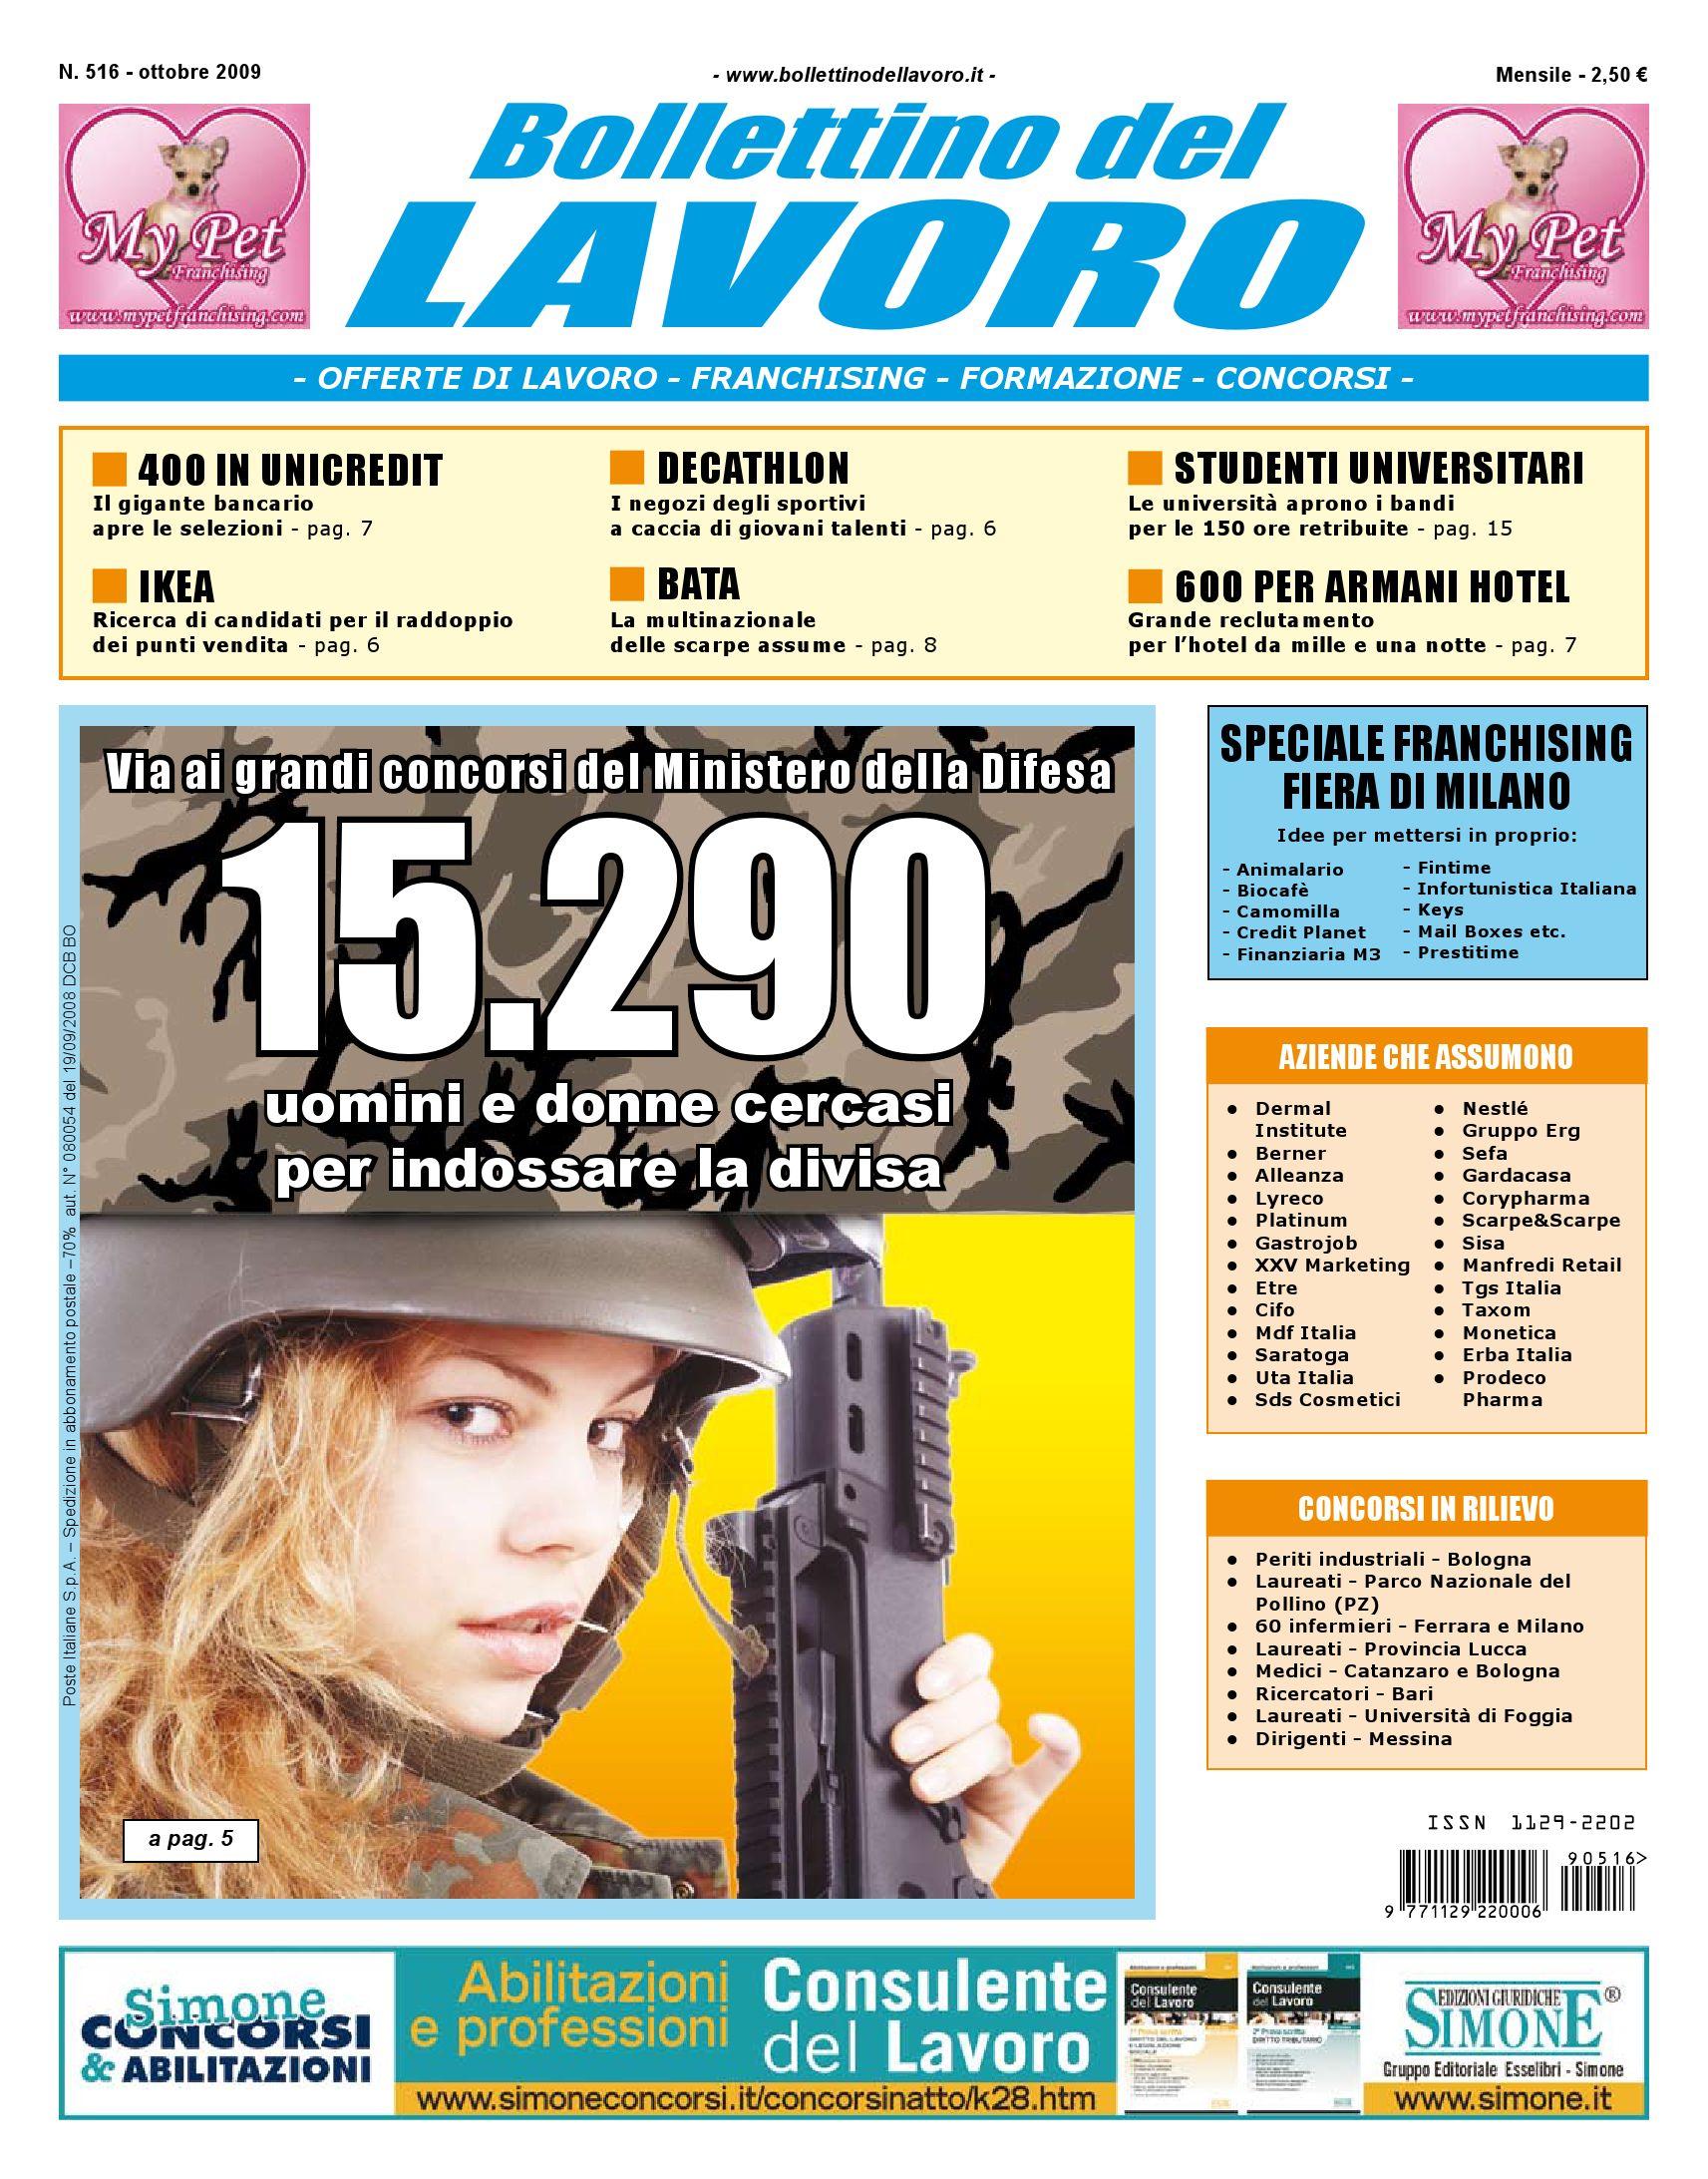 Bollettino del Lavoro by Bollettino del Lavoro - issuu 46edeba223d